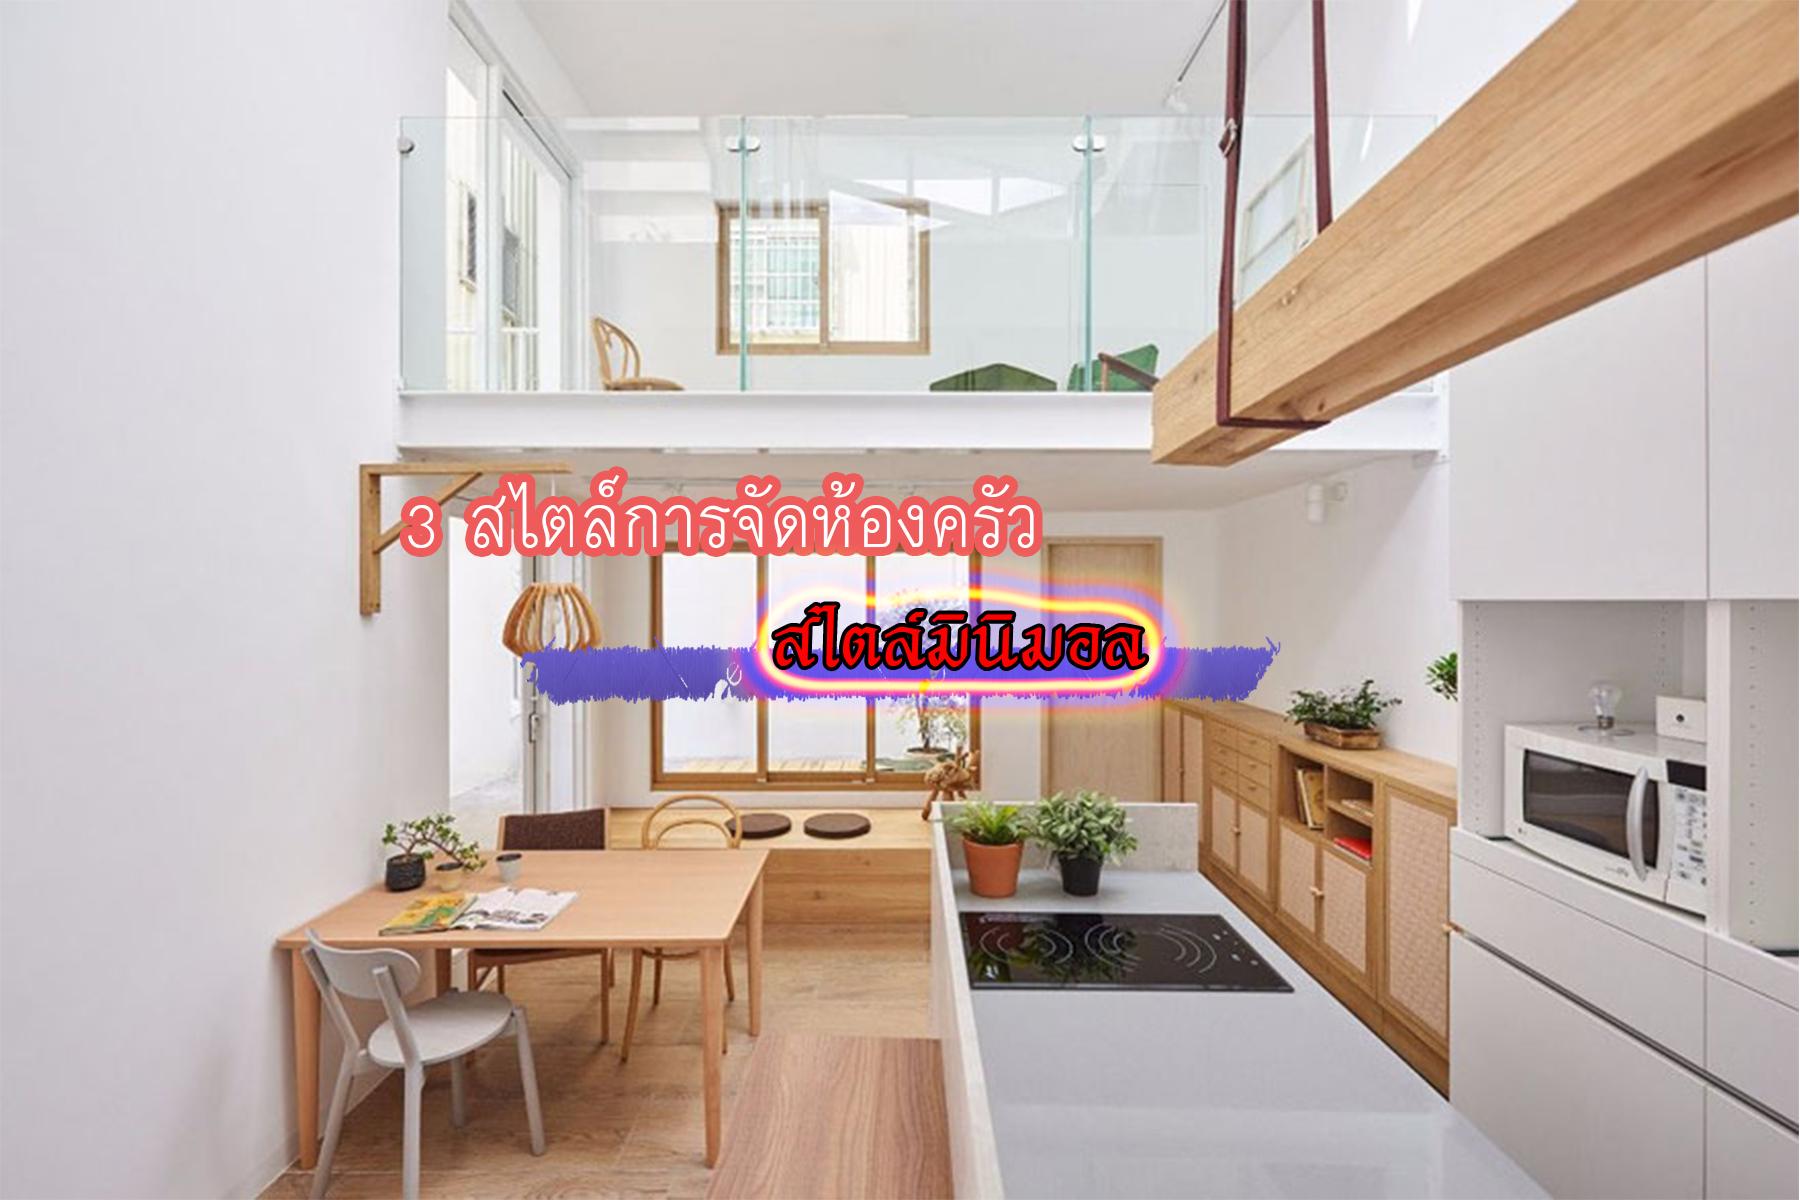 3 สไตล์การจัดห้องครัวที่ดูน่าสนใจ ในสไตล์มินิมอล จัดน้อย แต่สวยมาก!!Trendy Home แต่งบ้าน ปรับคอนโด